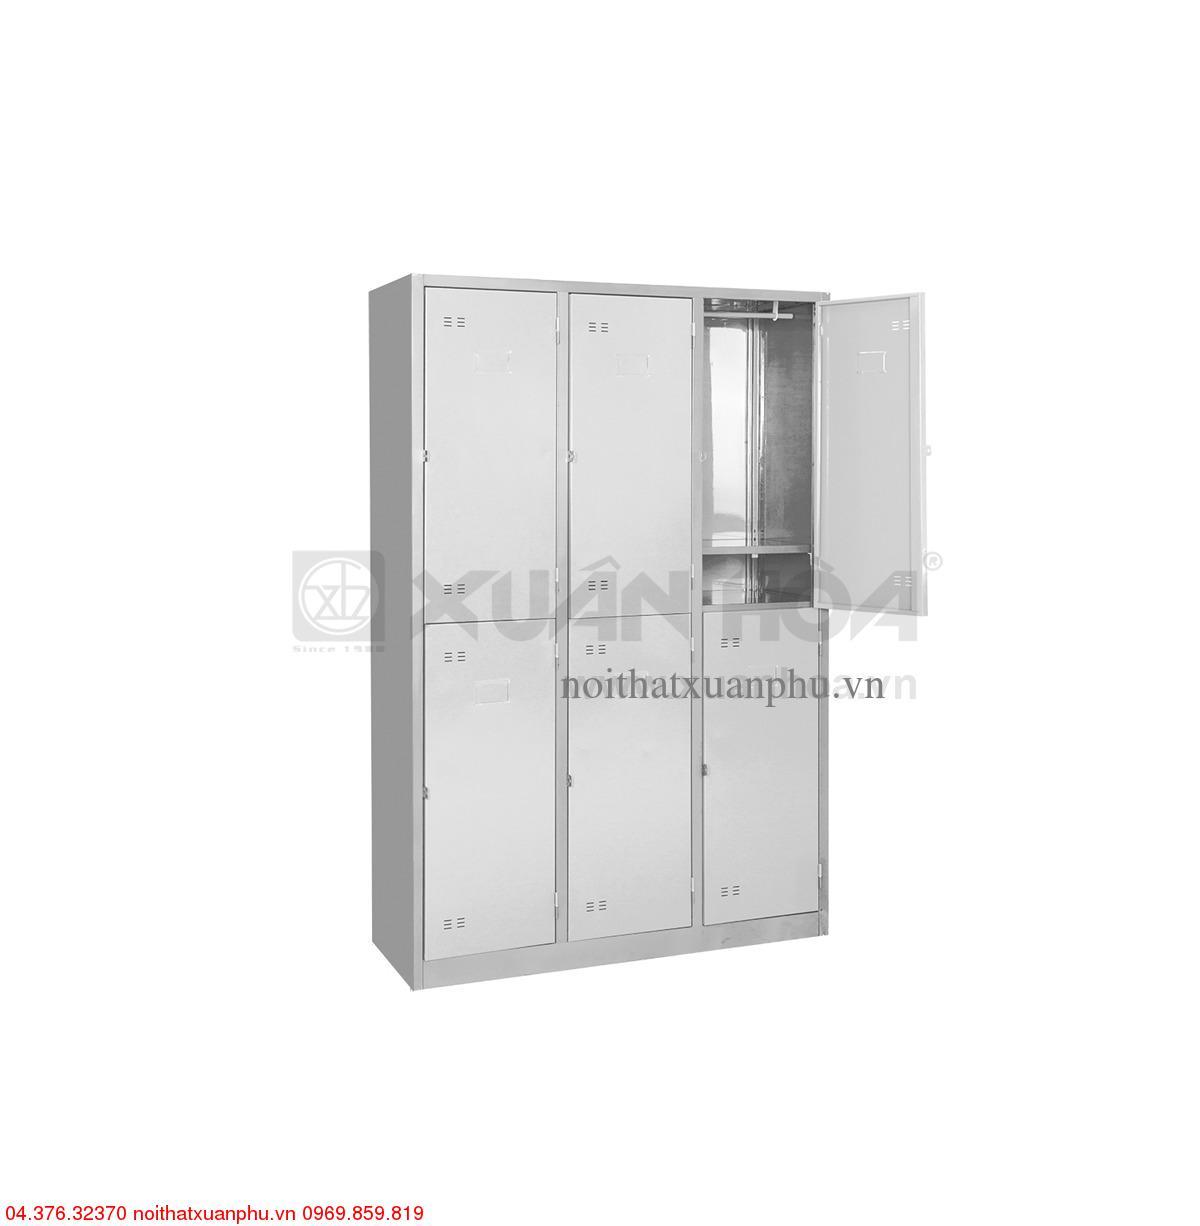 Hình ảnh sản phẩm Tủ loocker LK-6N-03